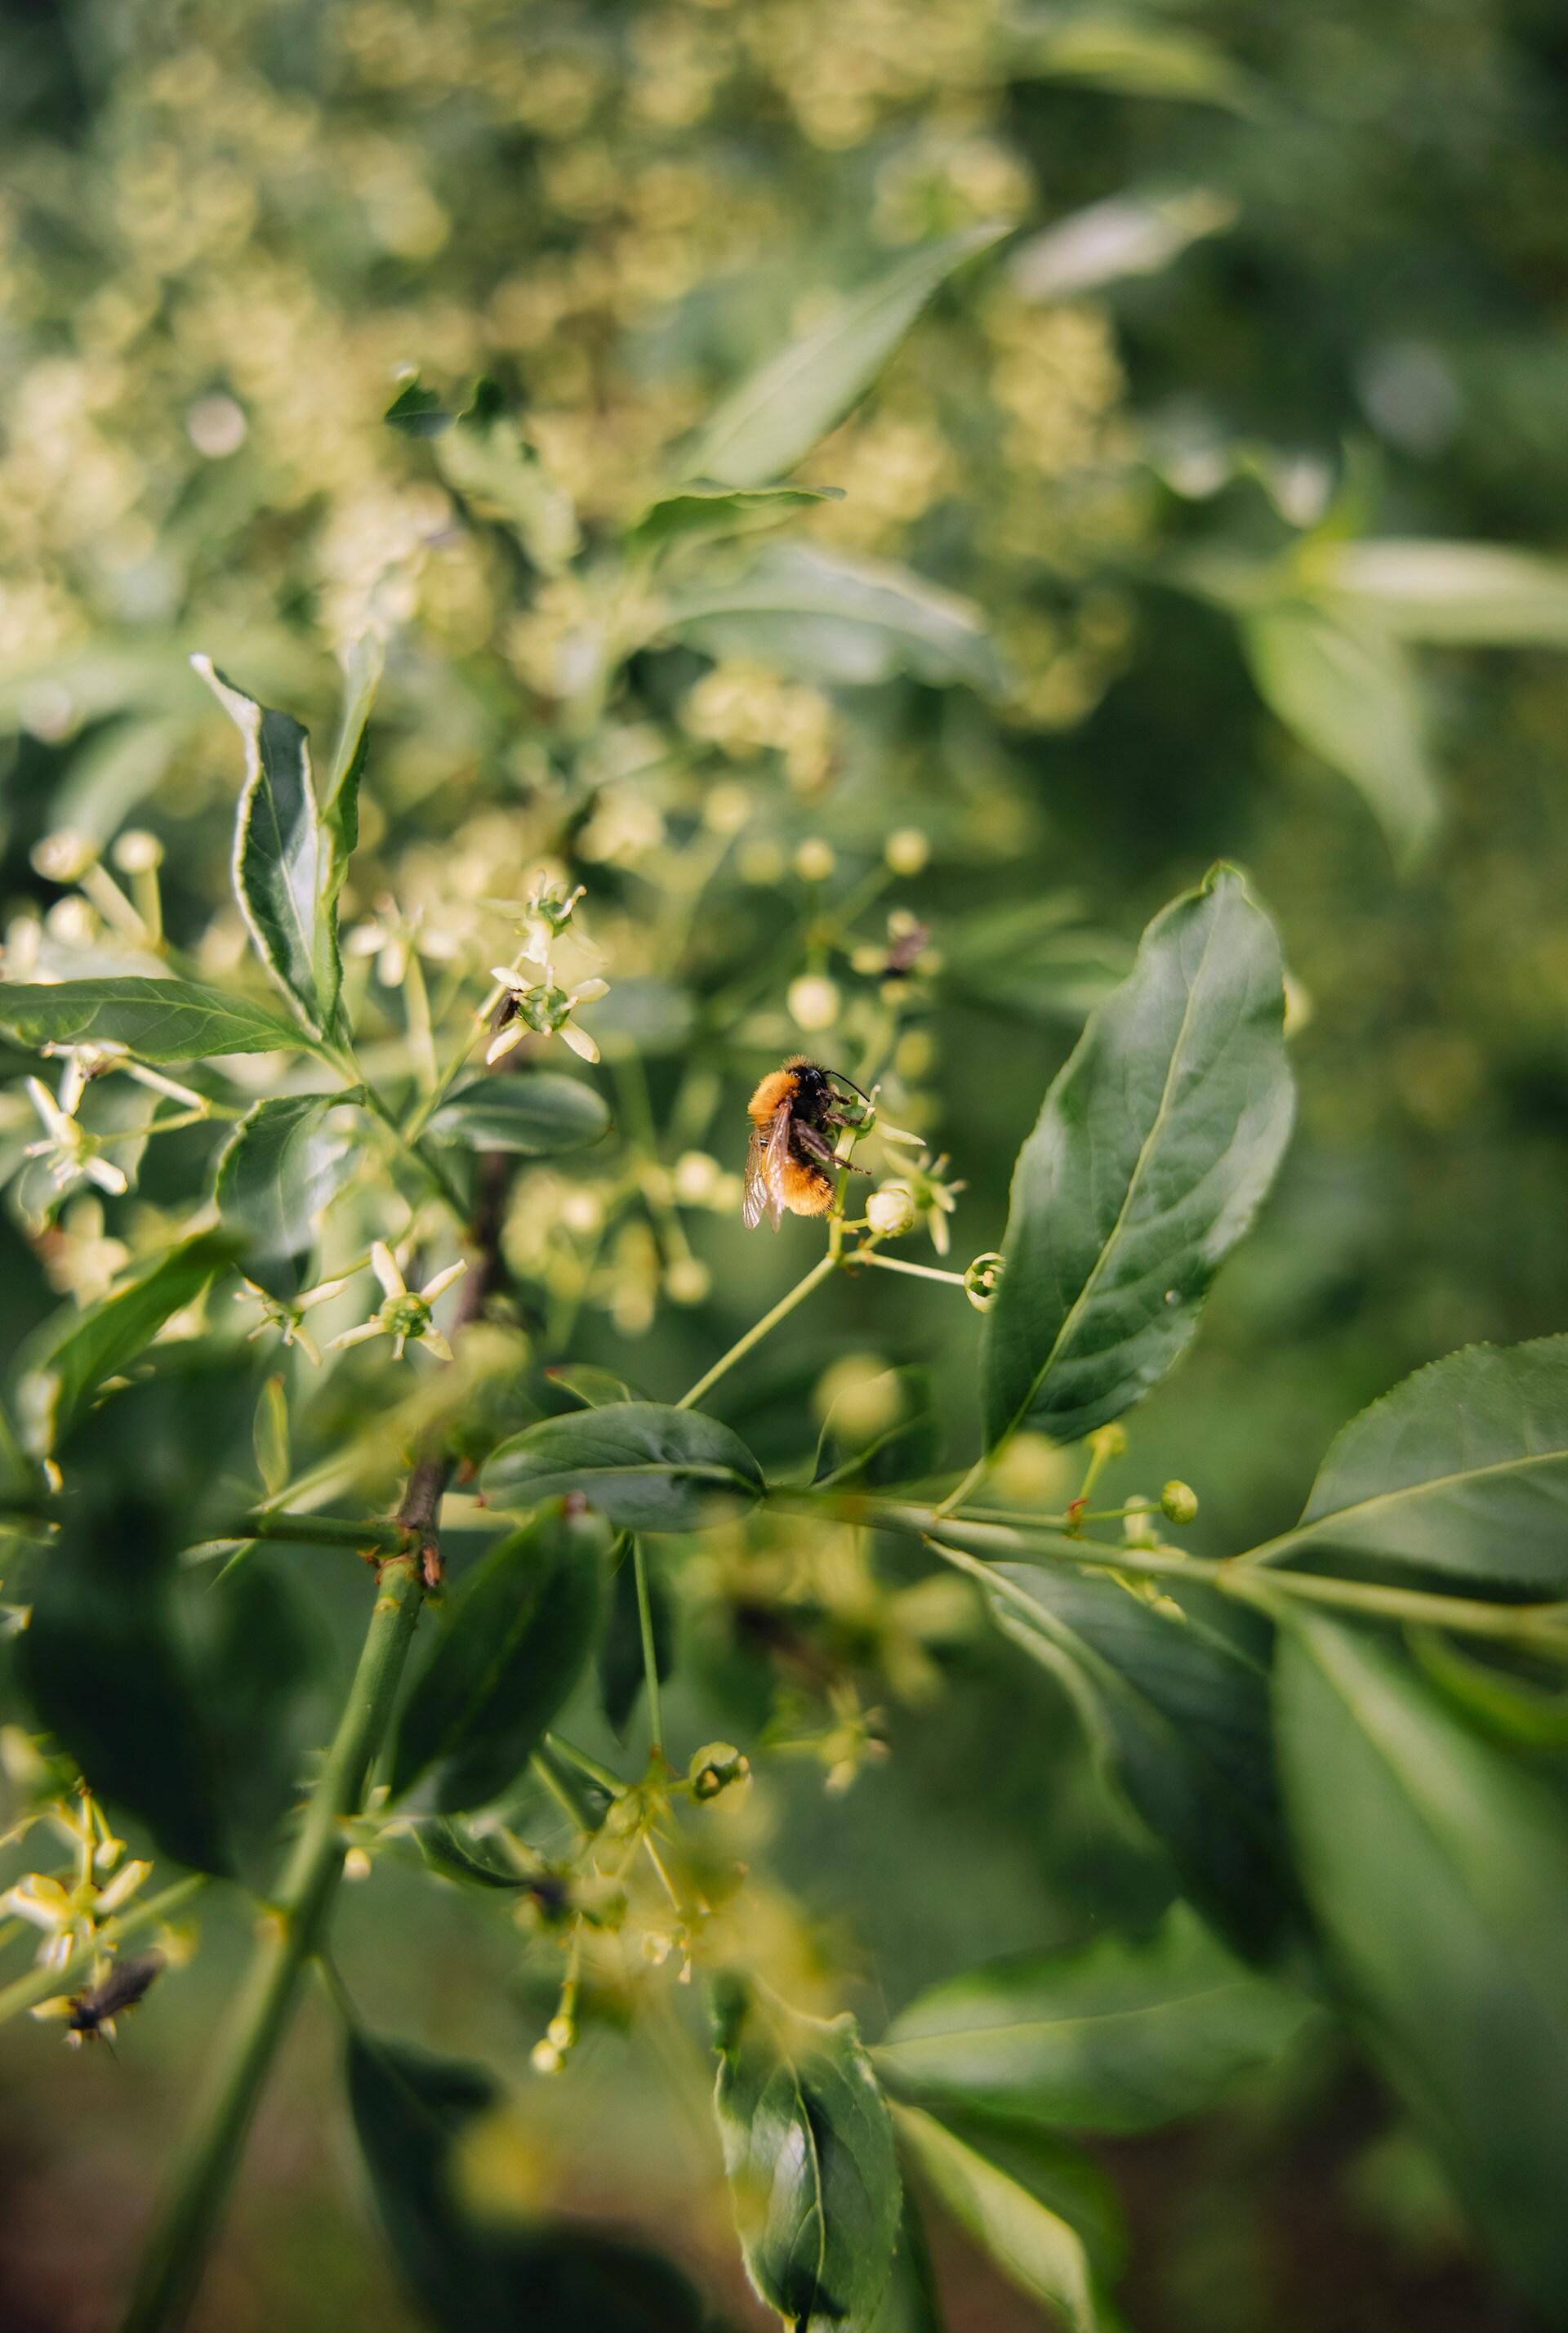 Čebela srka nektar iz cveta.